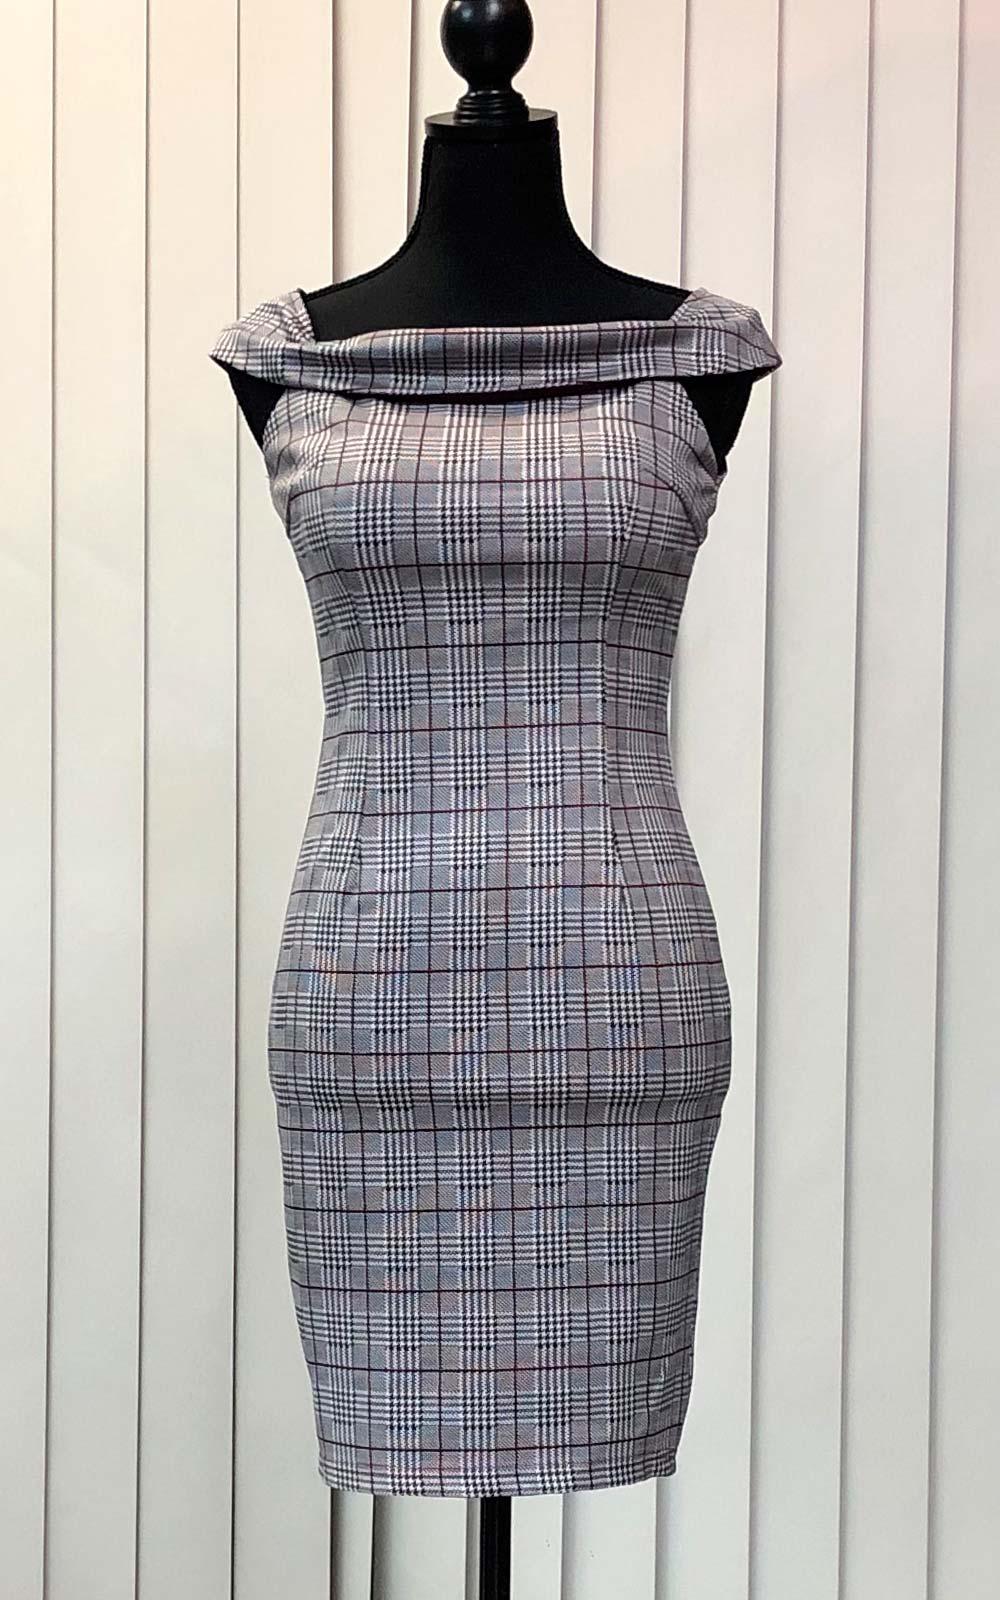 4月のドレス01-01-01